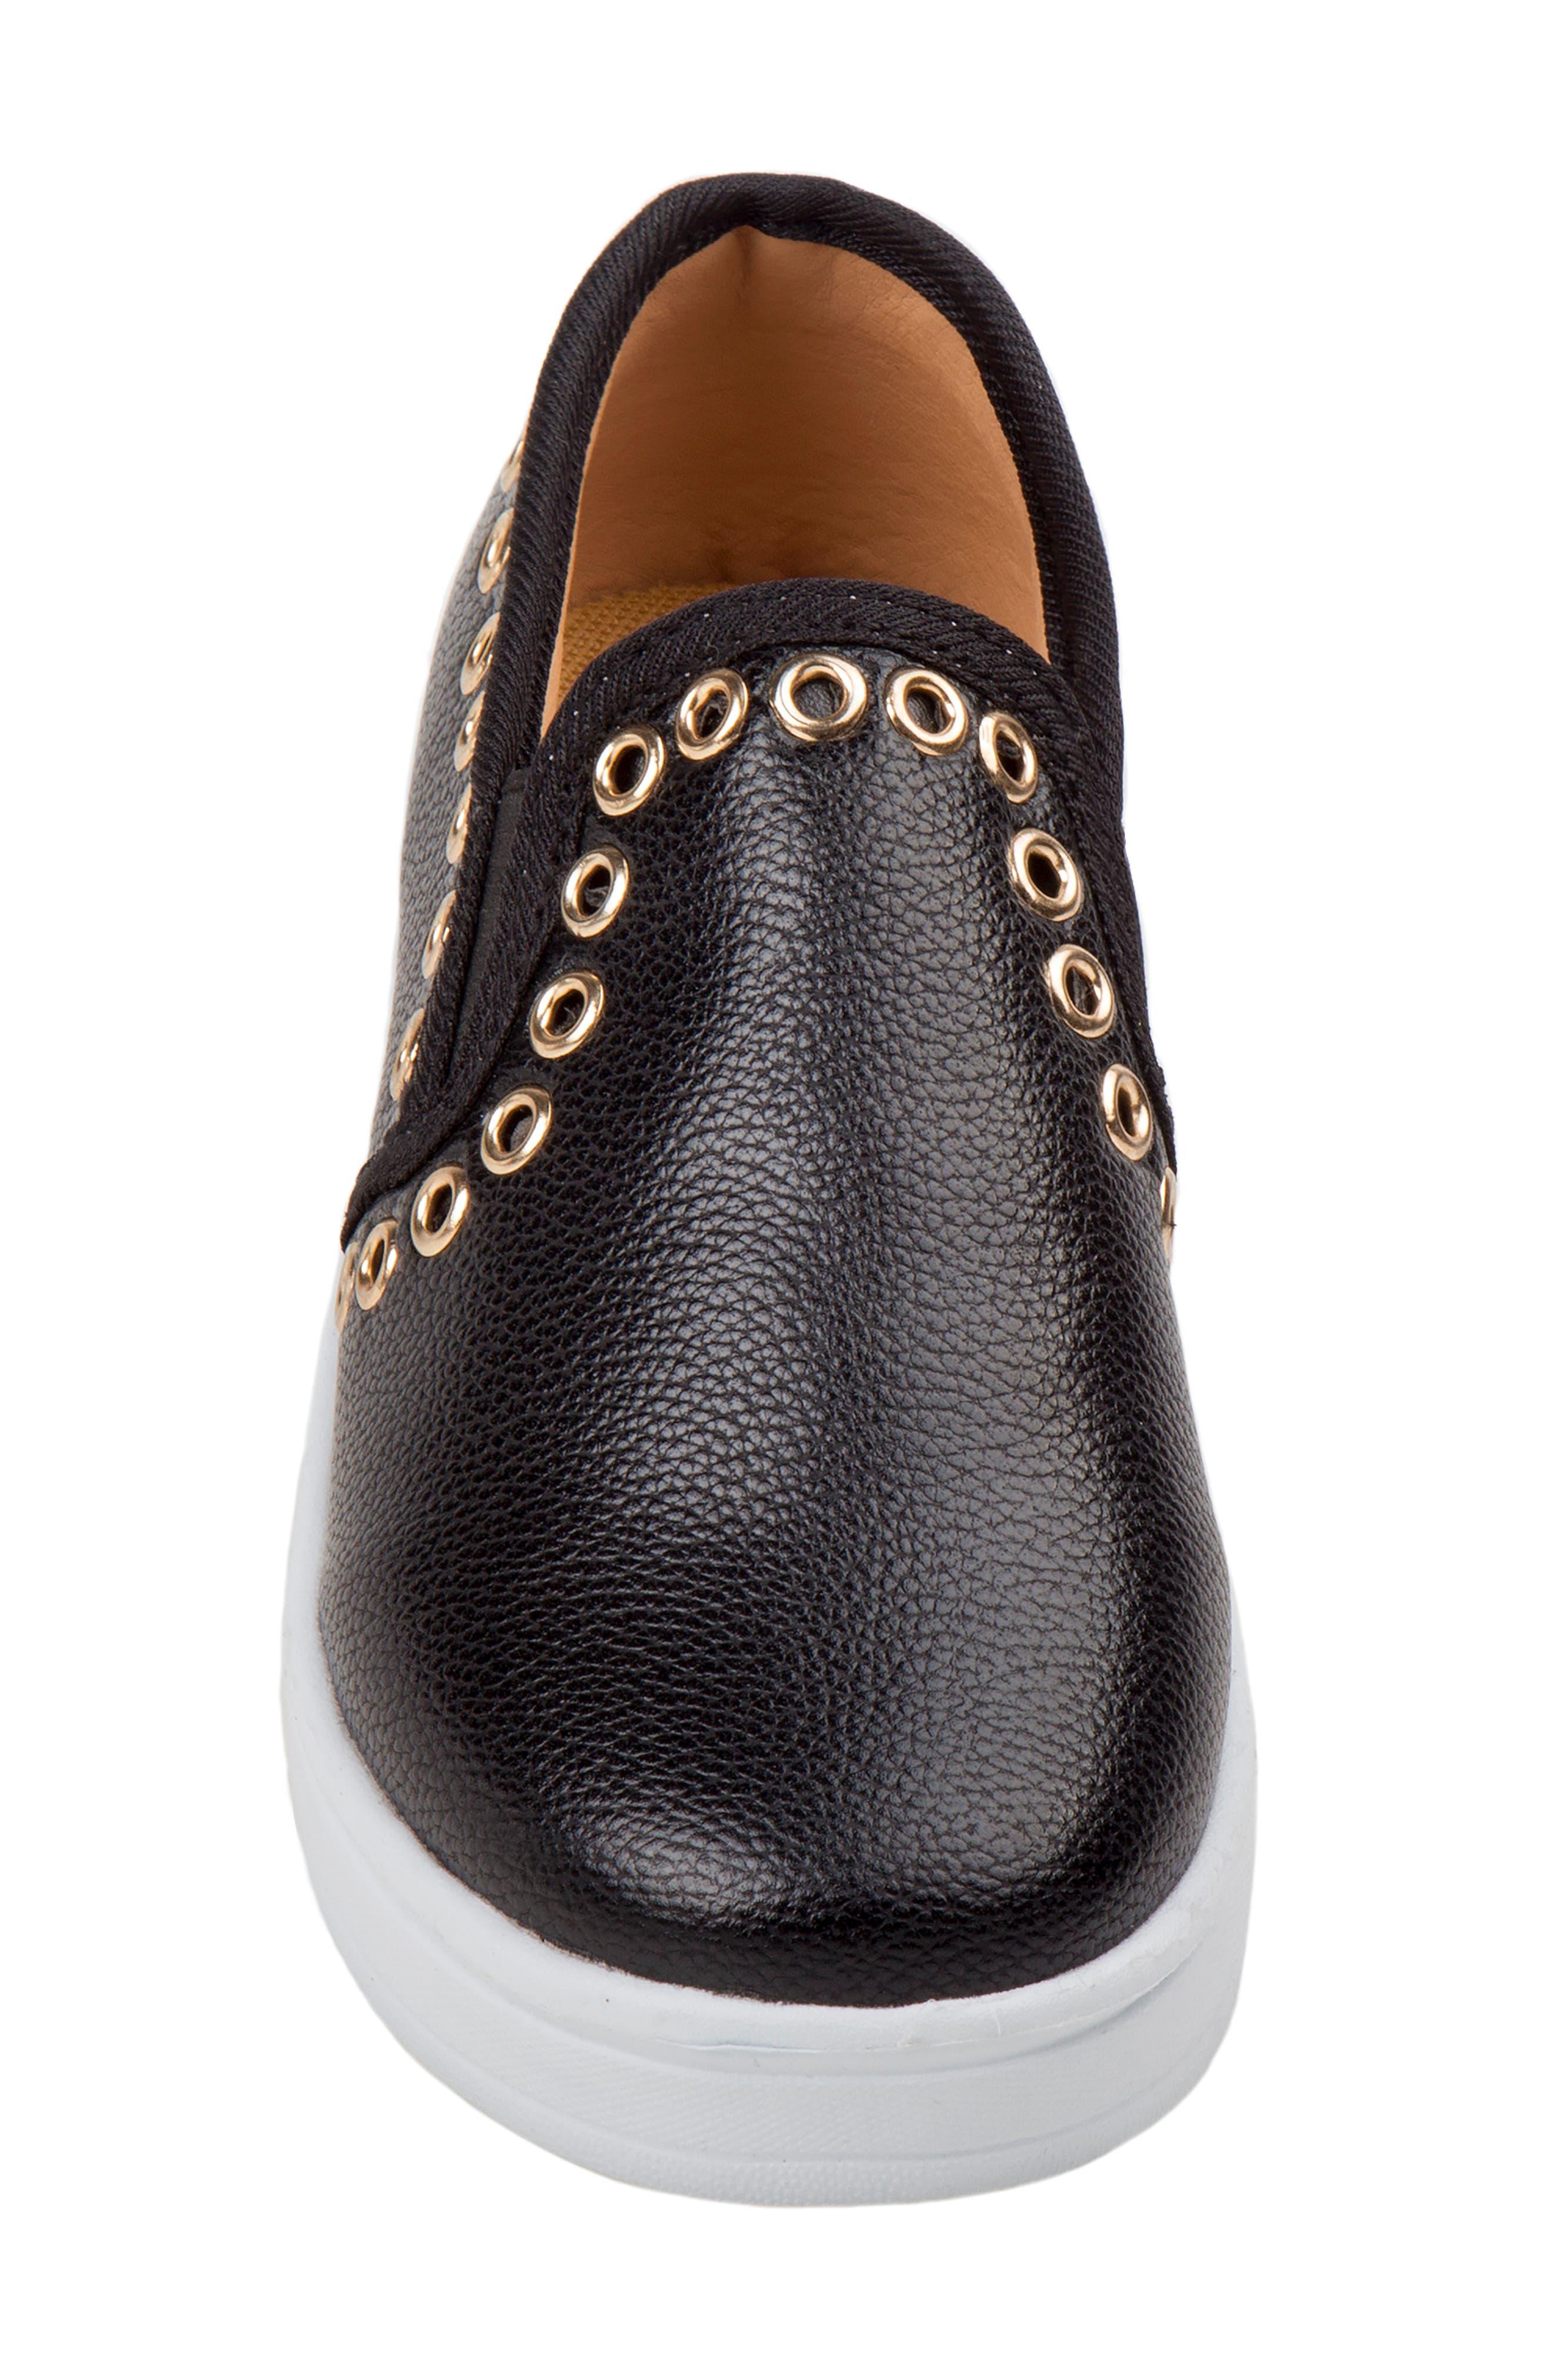 Grommeted Slip-On Sneaker,                             Alternate thumbnail 3, color,                             BLACK